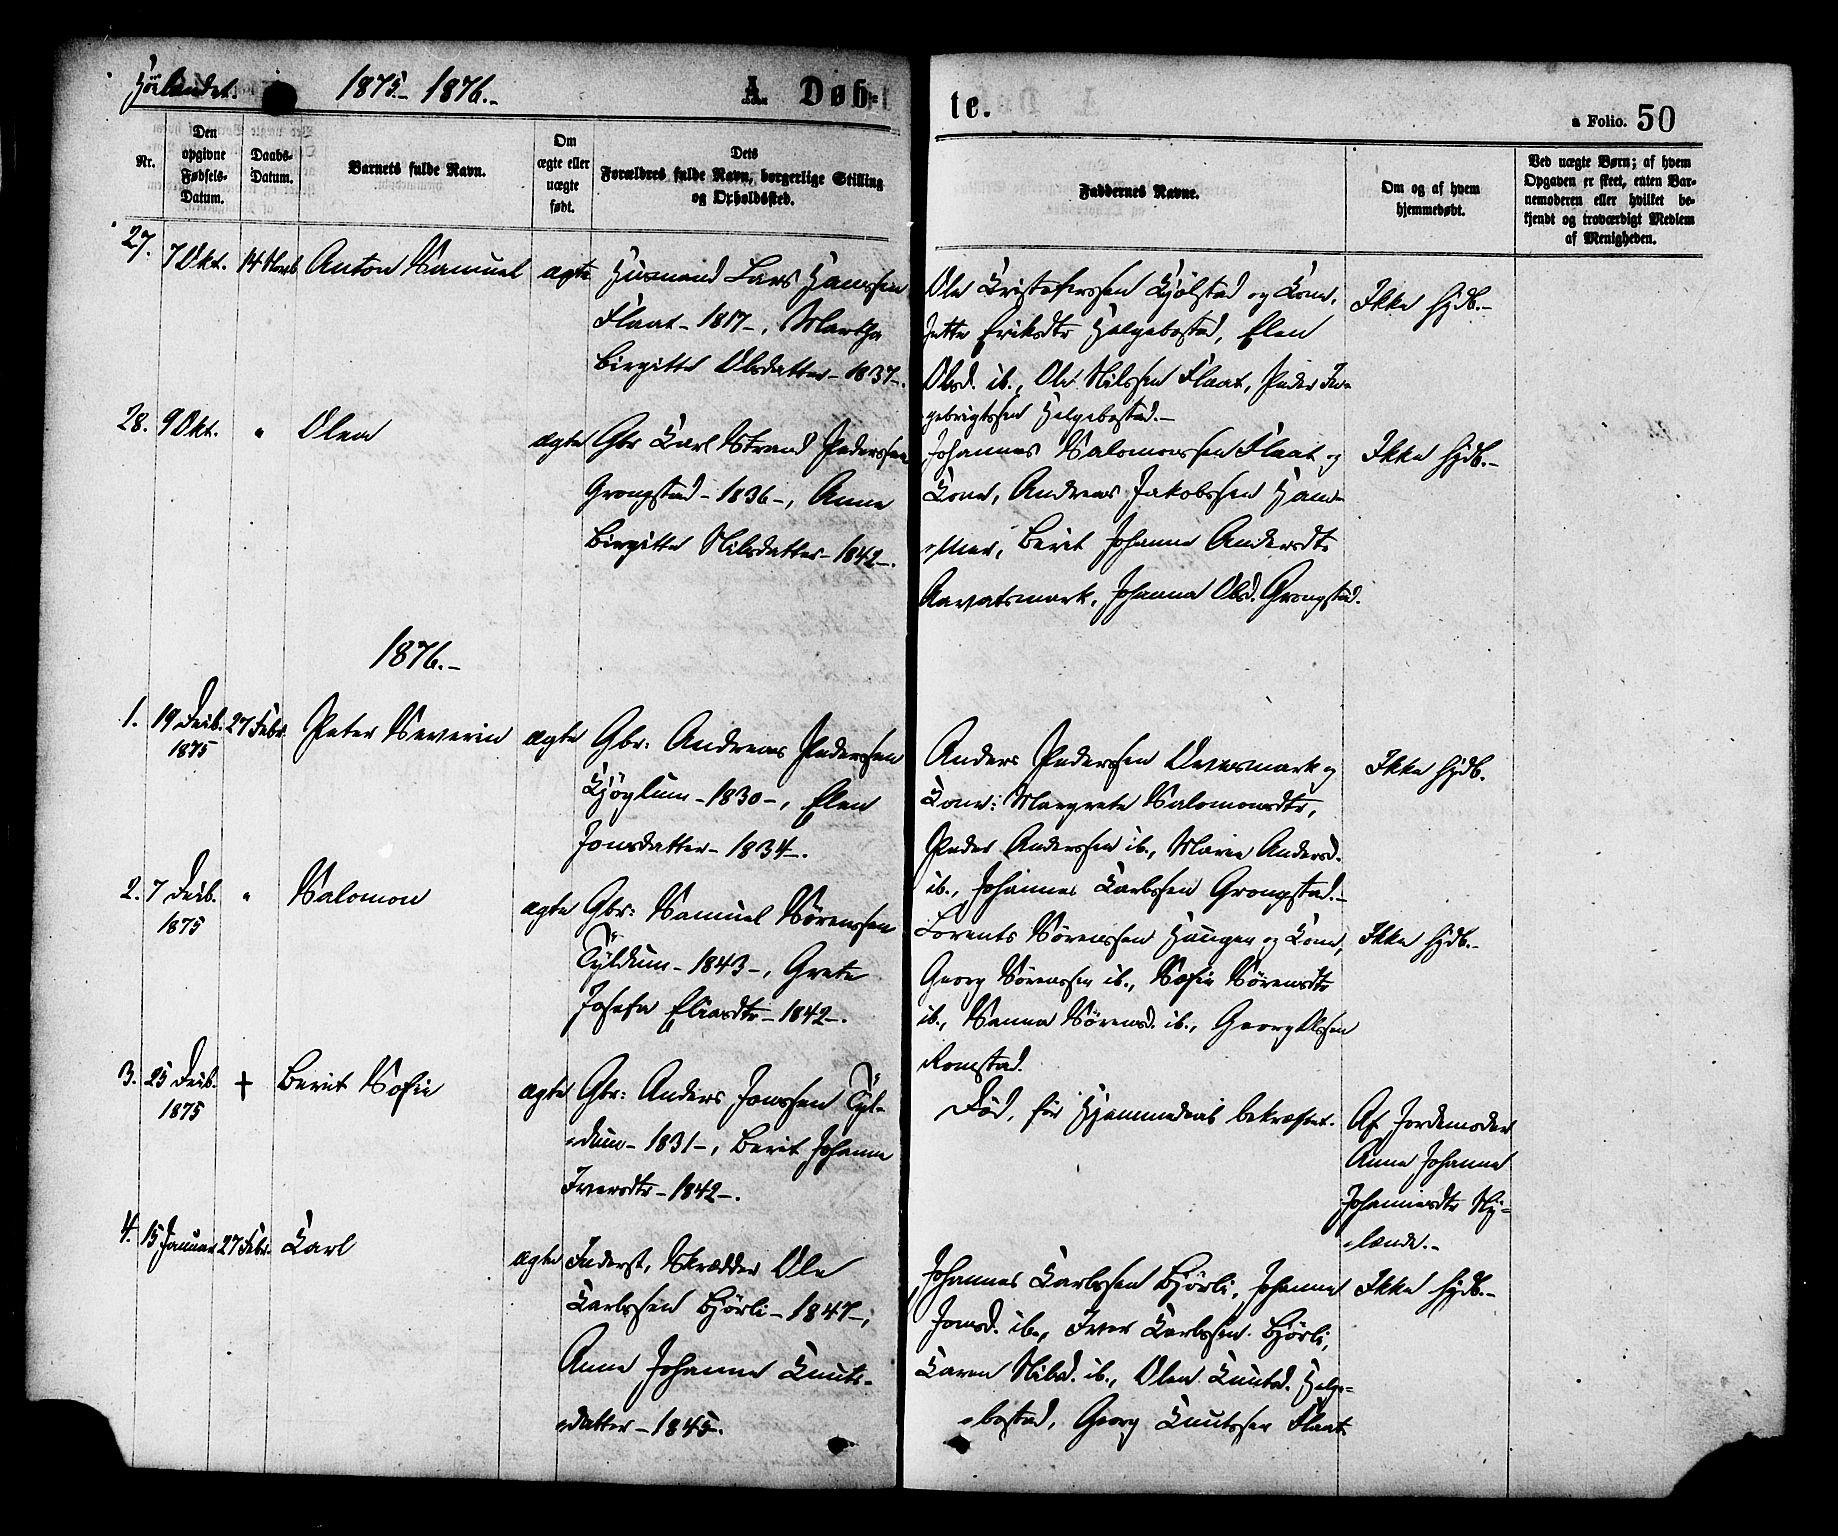 SAT, Ministerialprotokoller, klokkerbøker og fødselsregistre - Nord-Trøndelag, 758/L0516: Ministerialbok nr. 758A03 /2, 1869-1879, s. 50